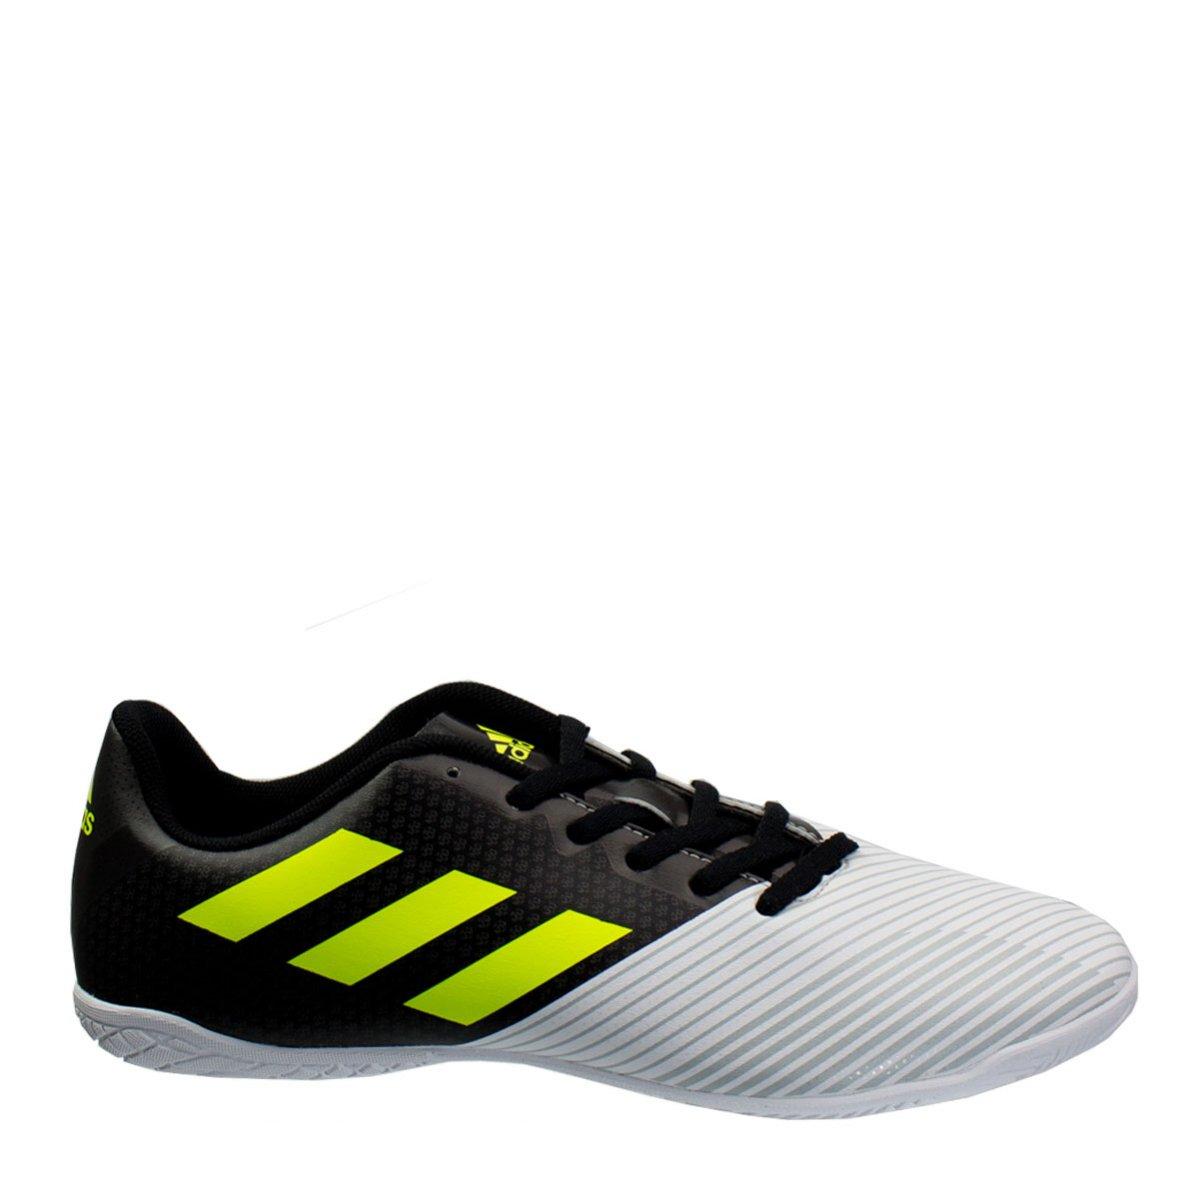 Bizz Store - Chuteira Futsal Adidas Artilheira II IN Couro 68c6c3c2f51eb